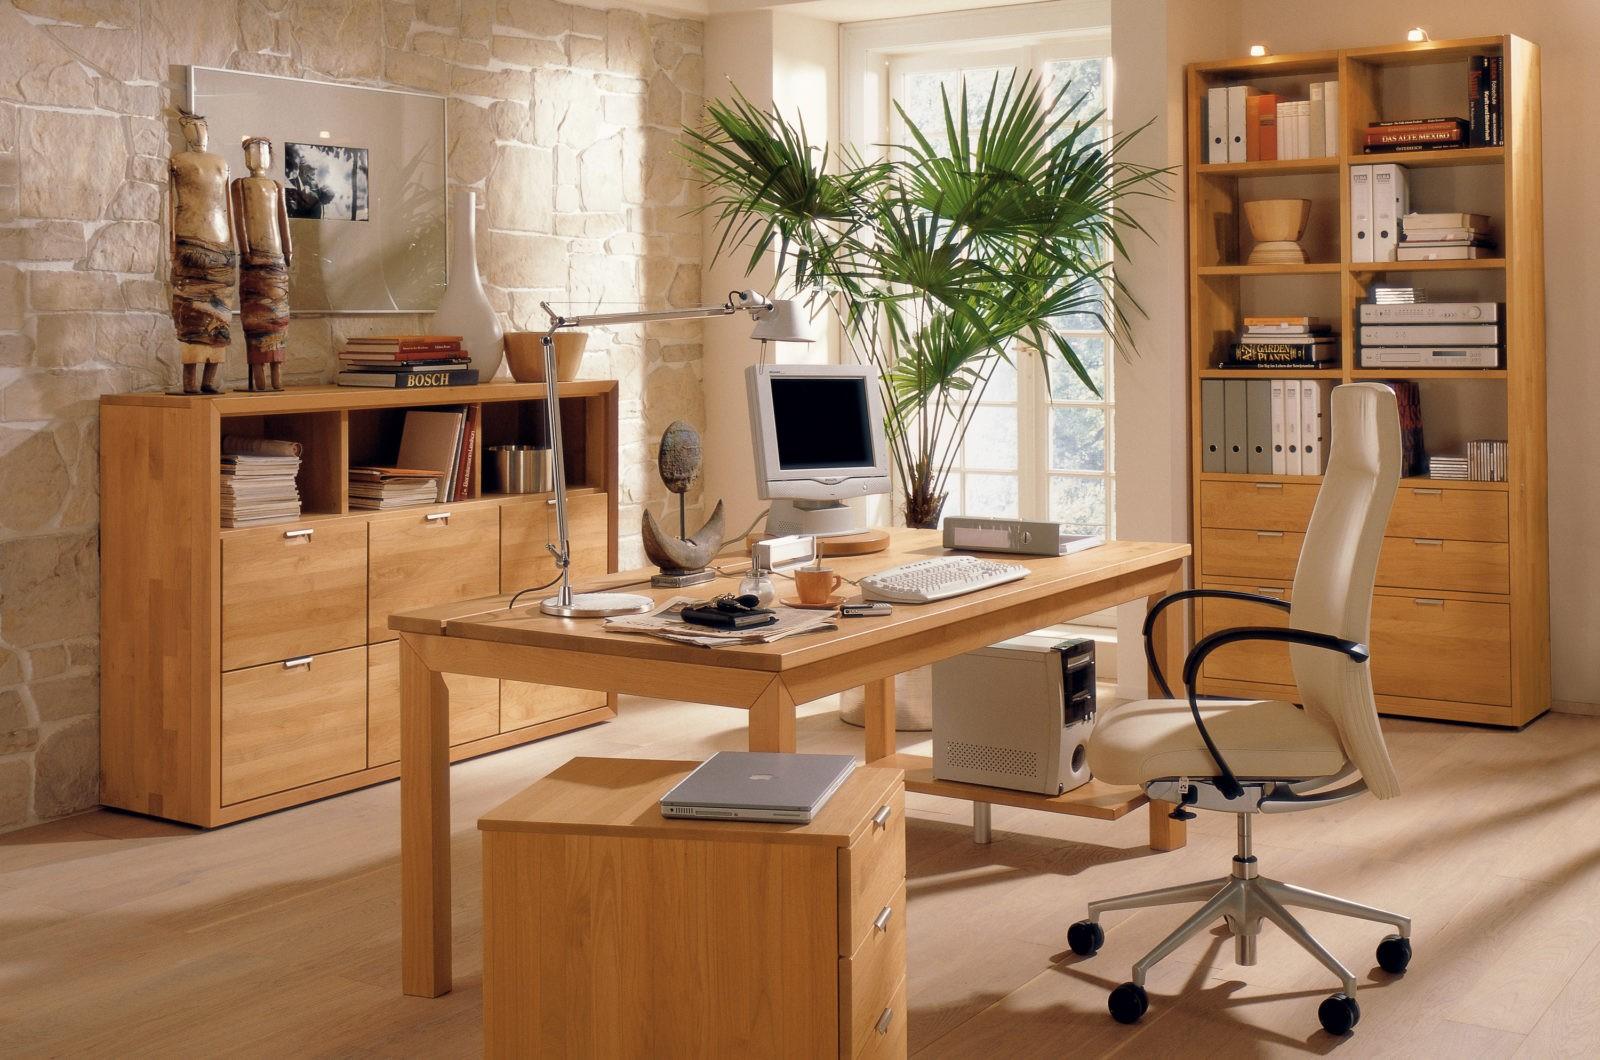 Оформление рабочего кабинета: в квартире, доме, офисе